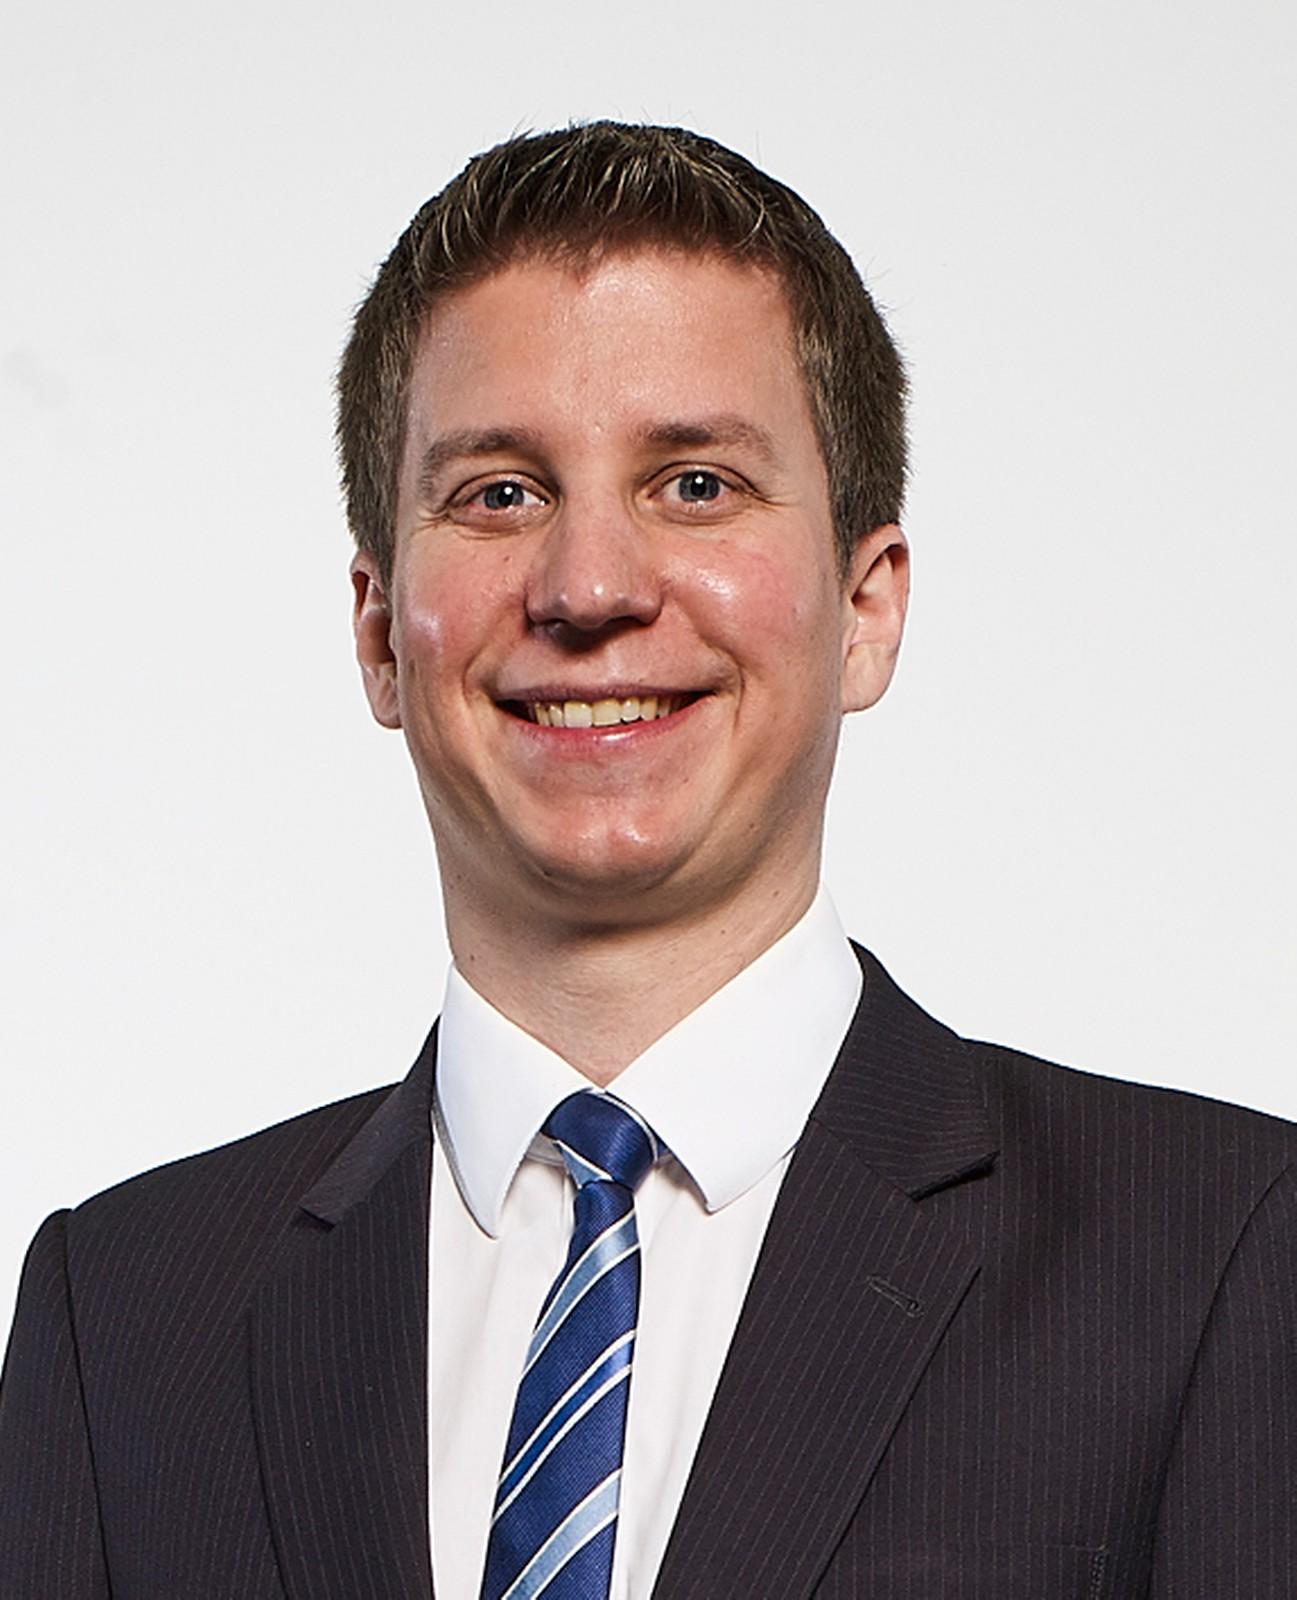 Will den bisher erfolgreichen Weg fortführen: Thomas Jericke, CEO der Indel AG.